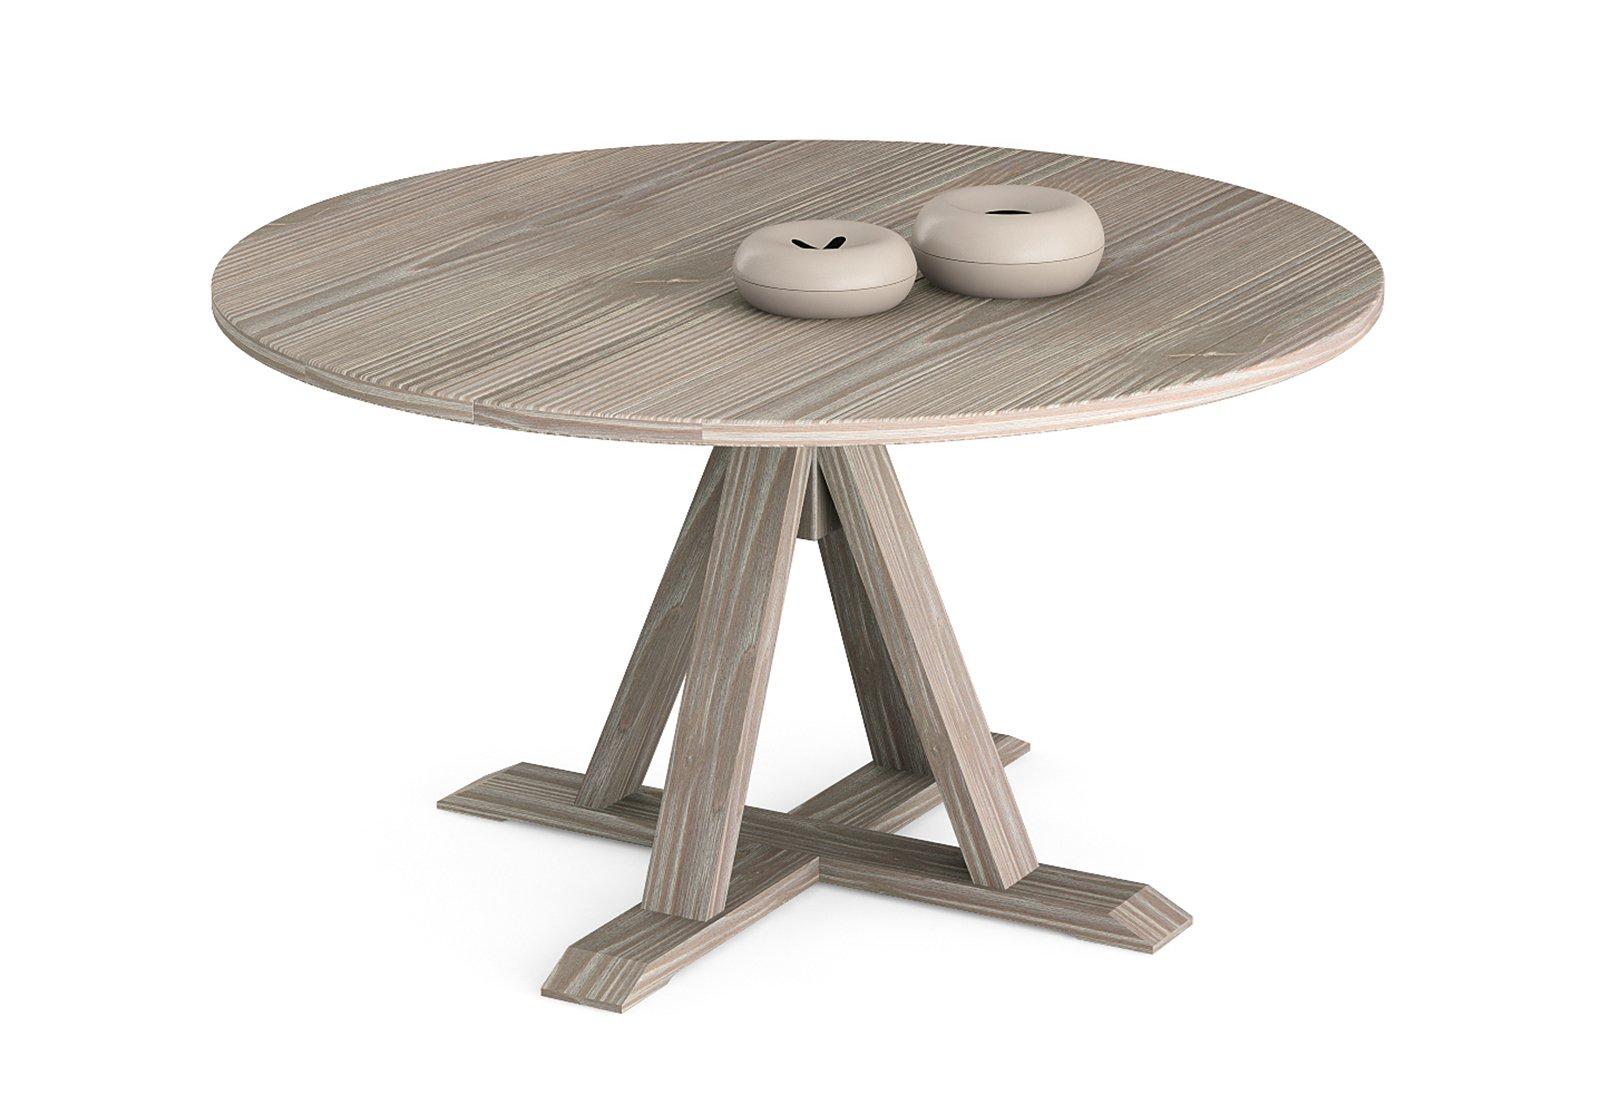 tavoli con sostegno centrale - cose di casa - Tavolo Legno Massello Allungabile Usato